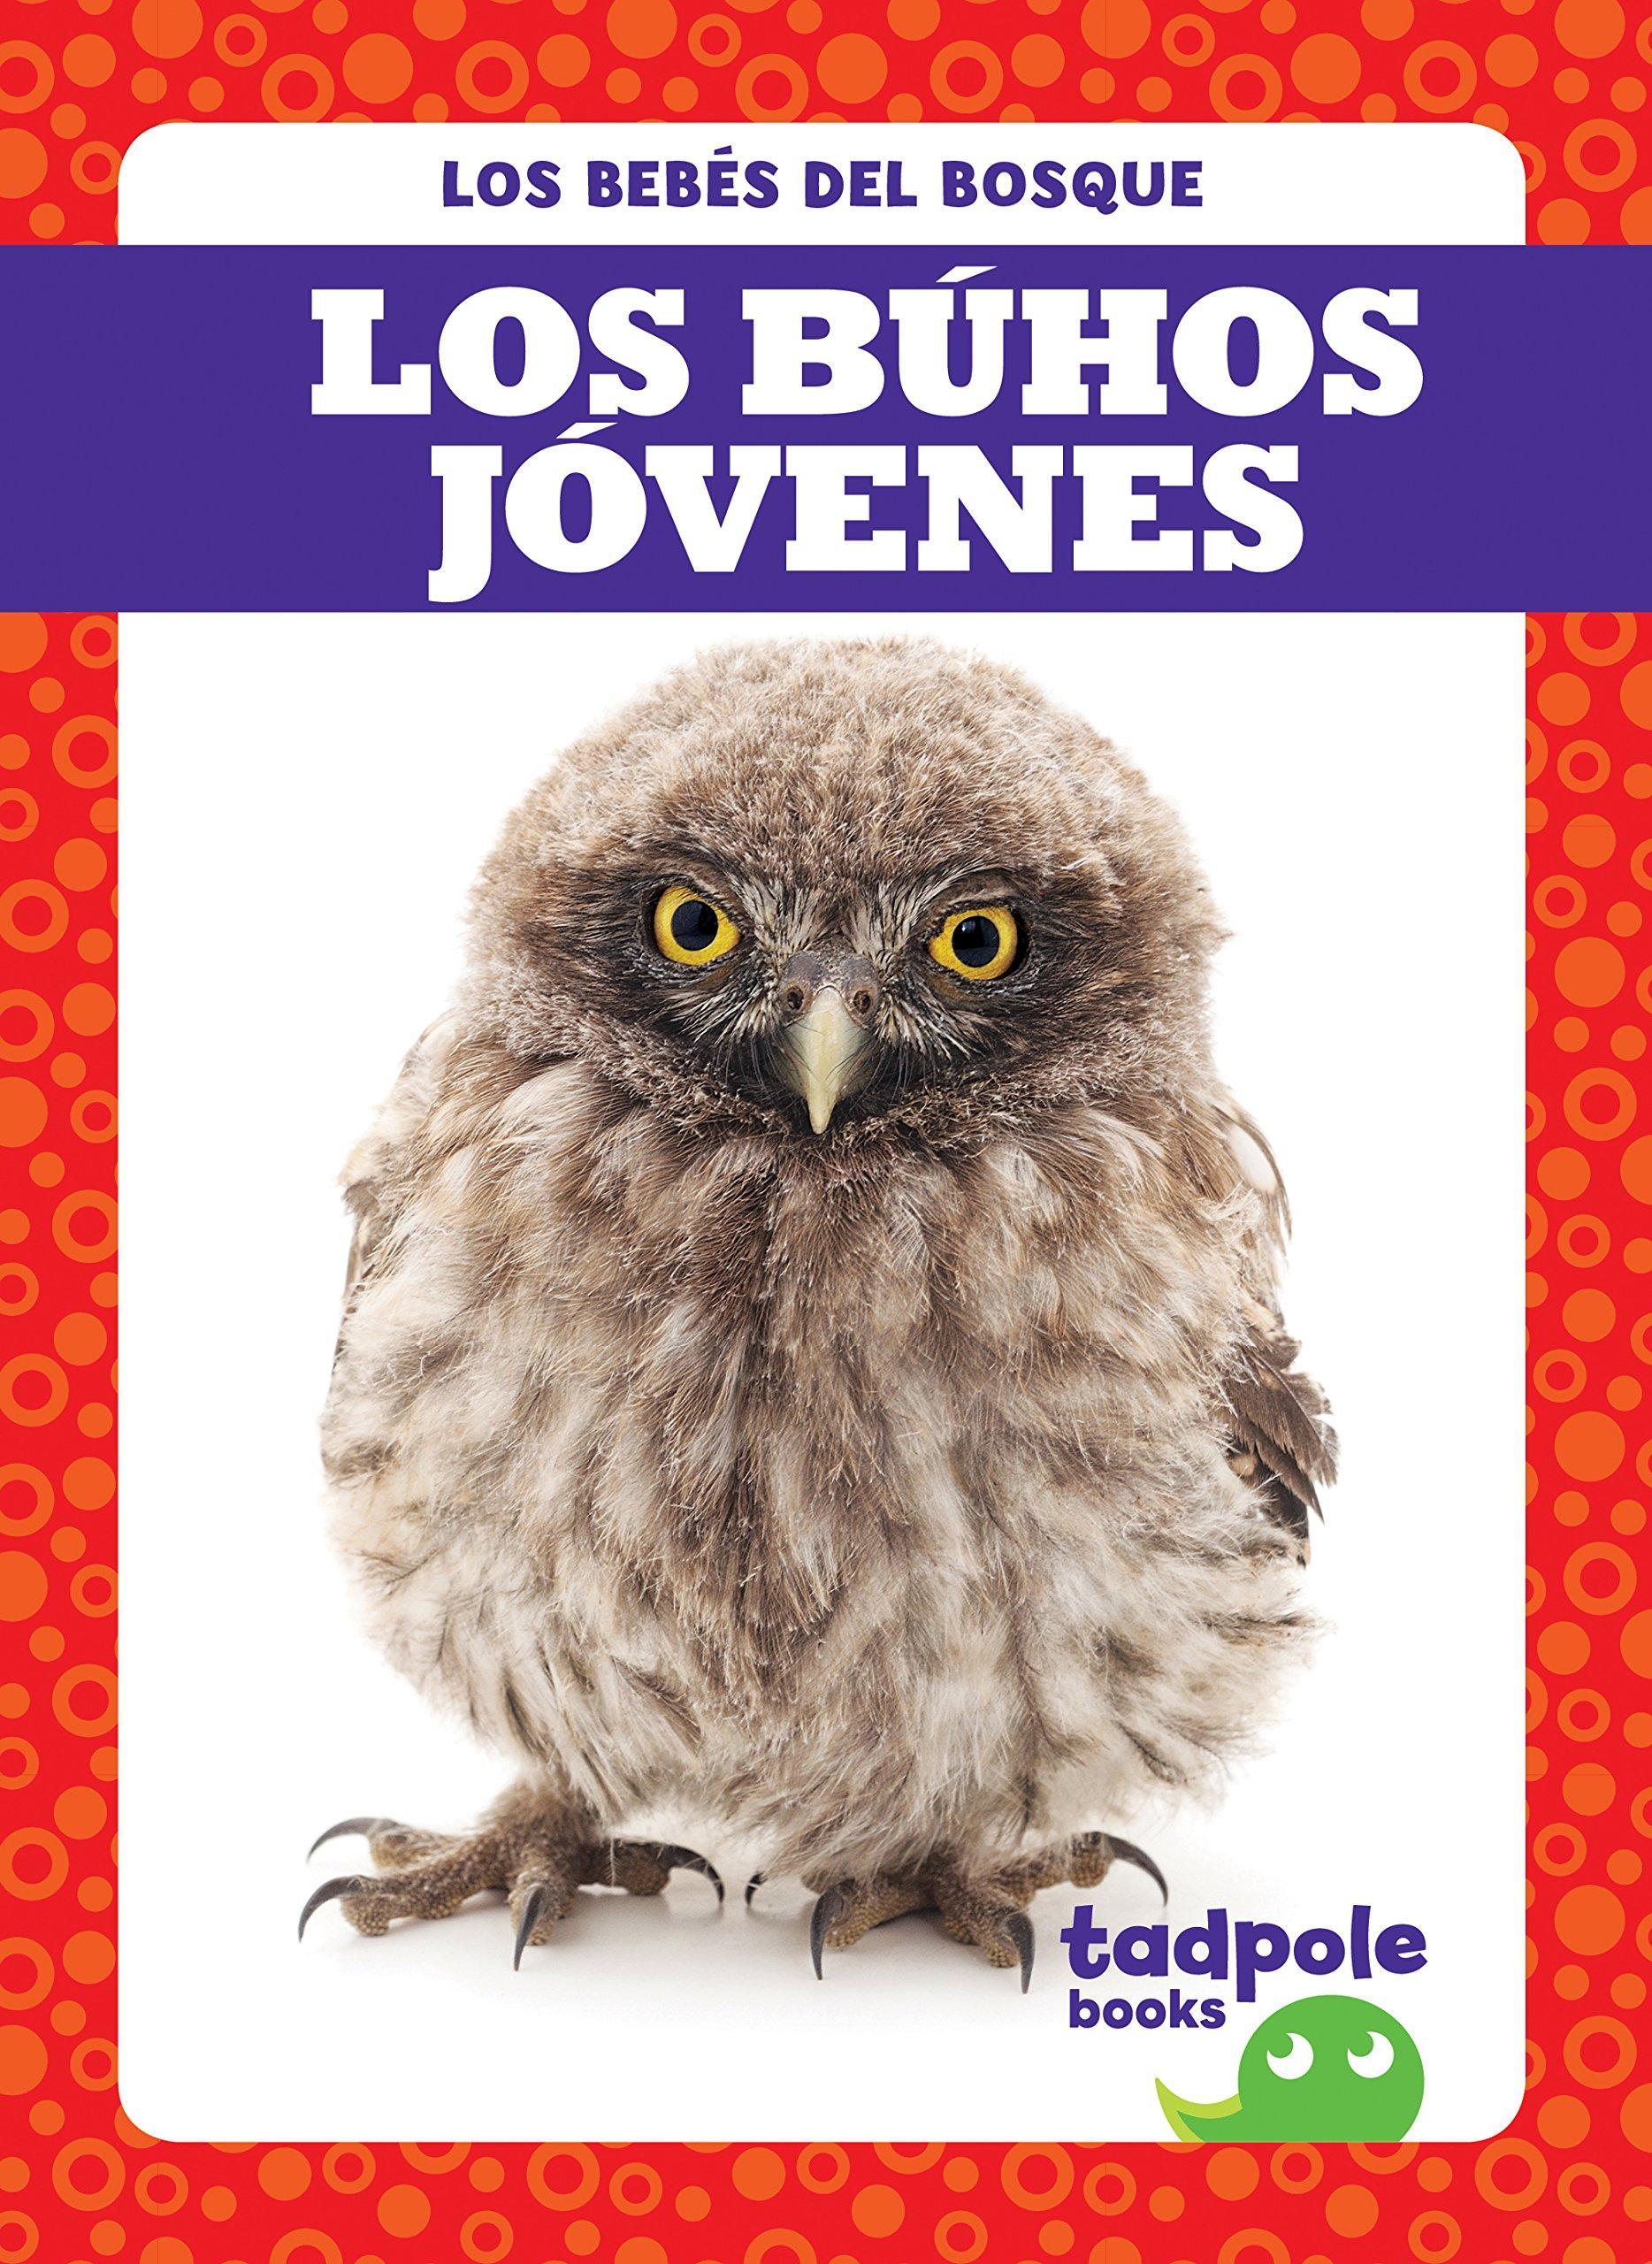 Amazoncom Los Búhos Jóvenes Owlets Tadpole Books Spanish